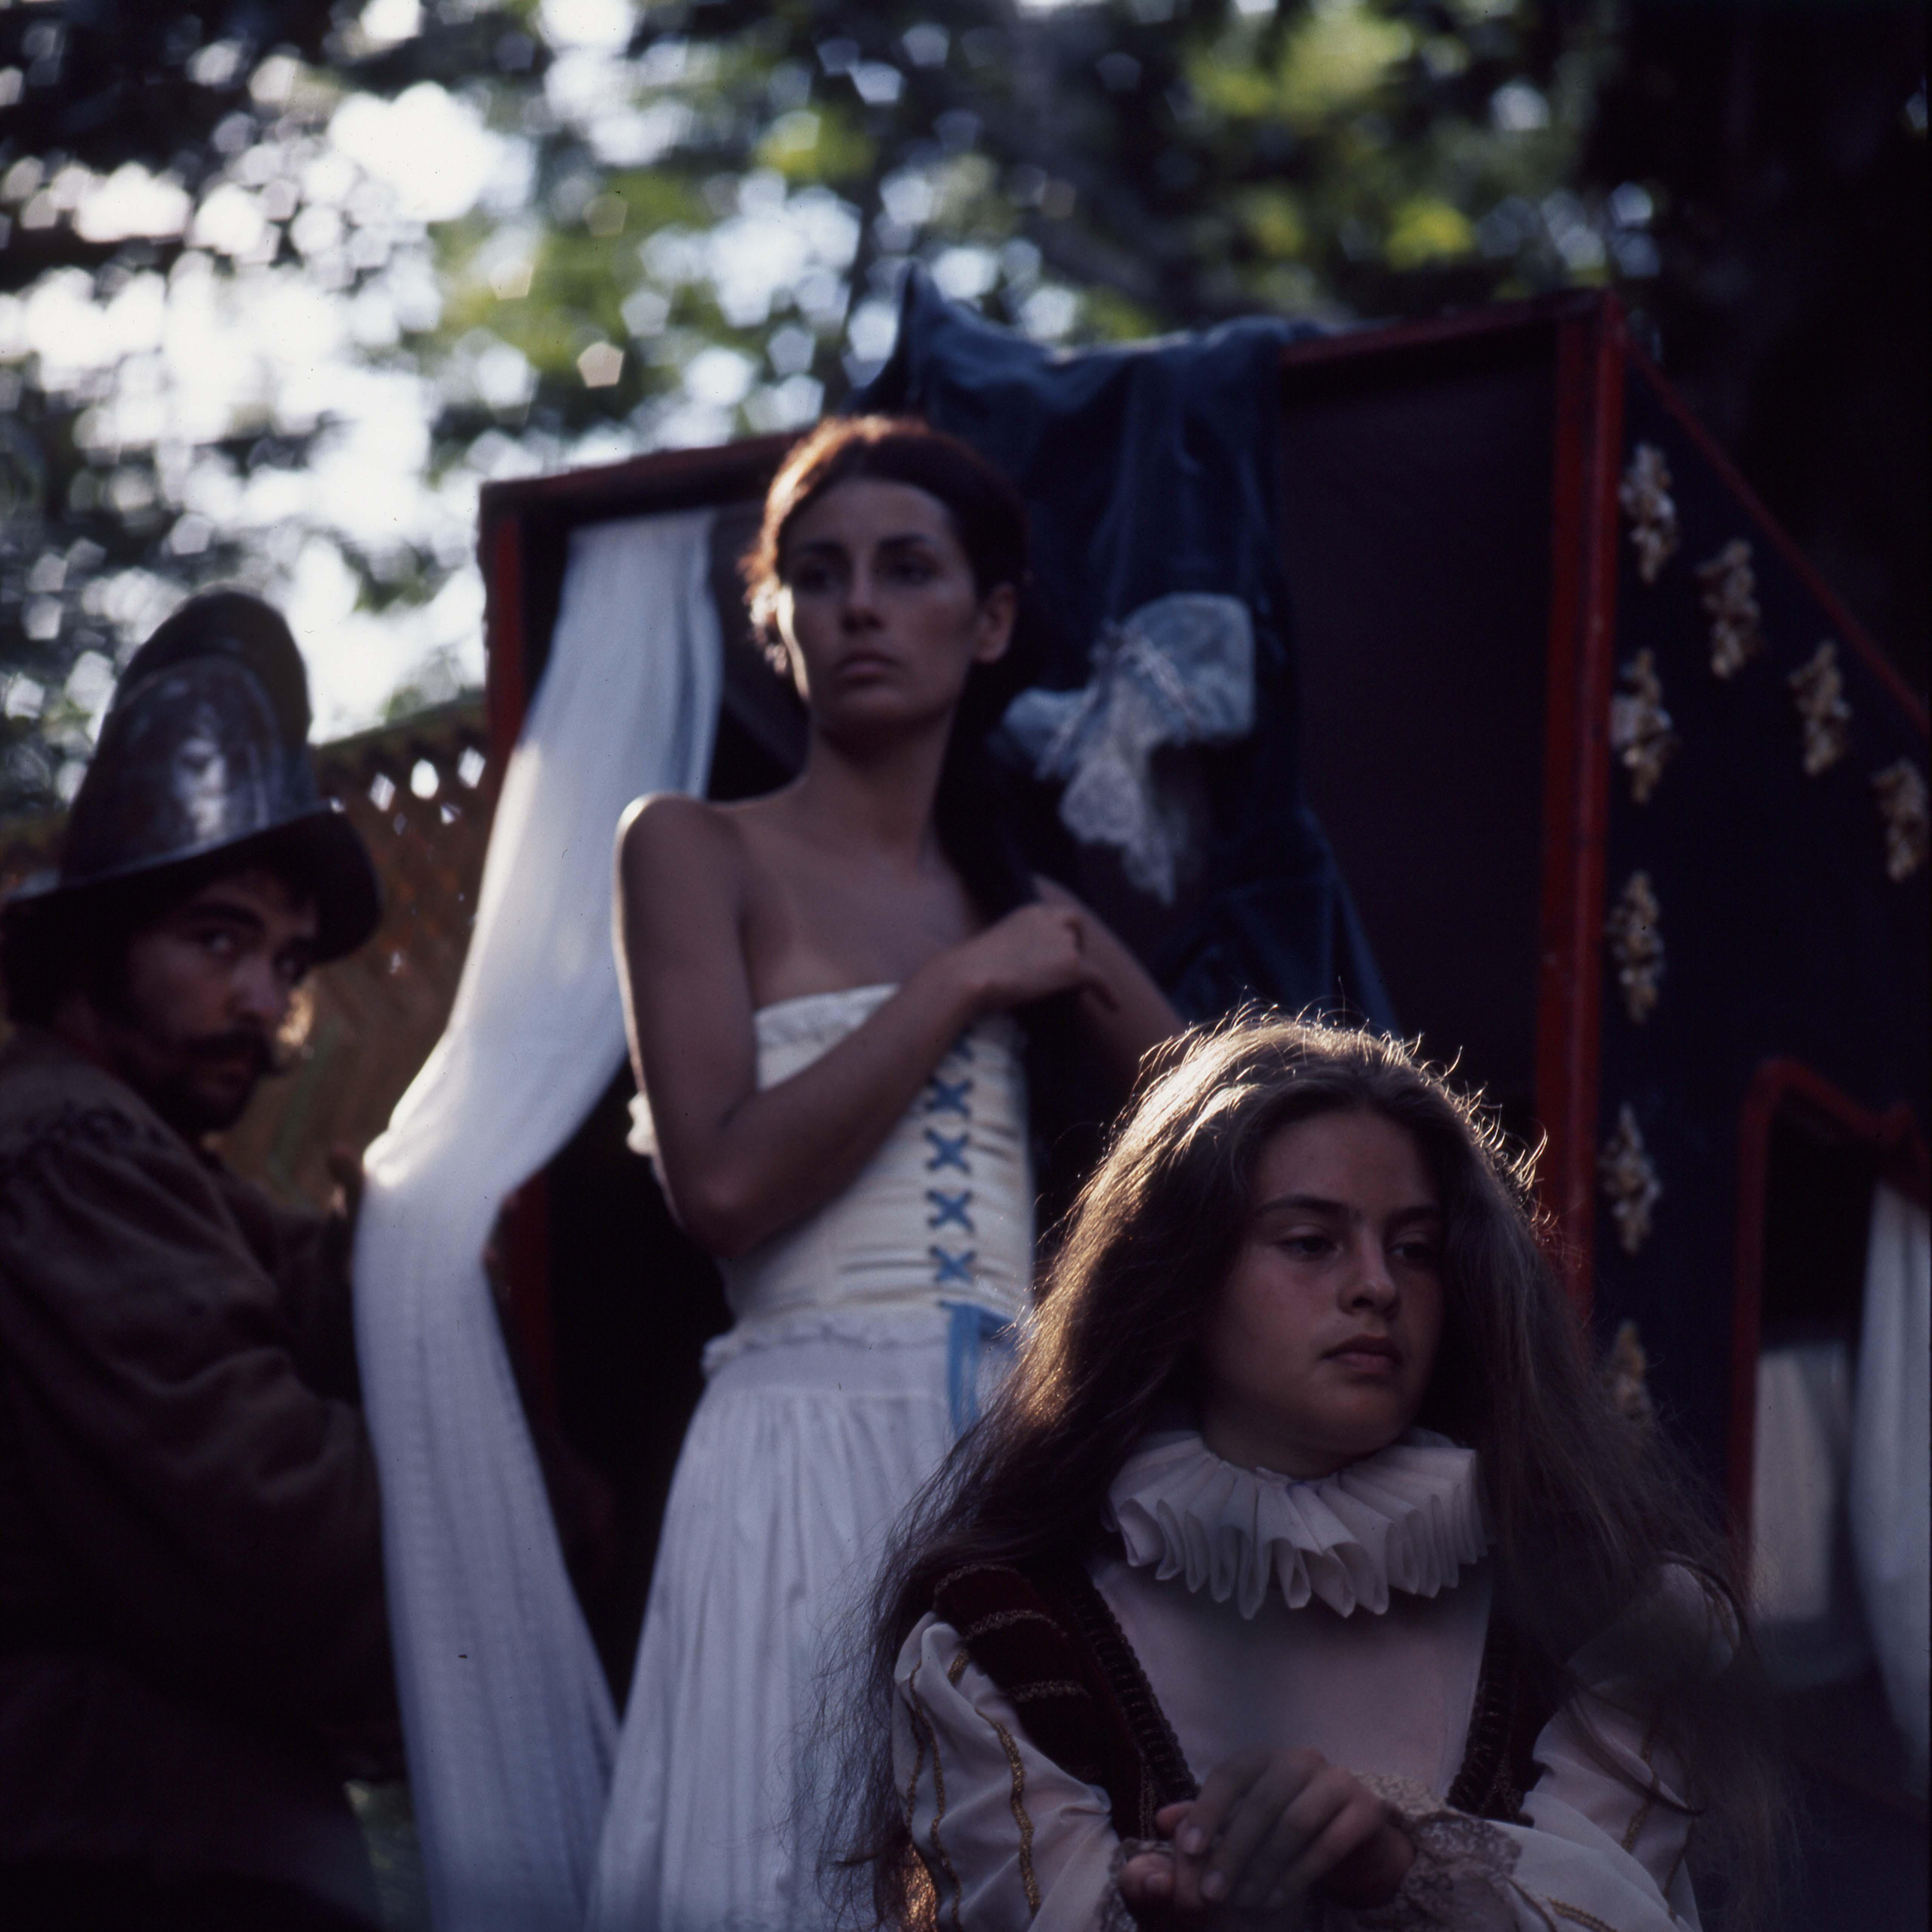 Szenenfoto aus dem Film Aguirre, der Zorn Gottes